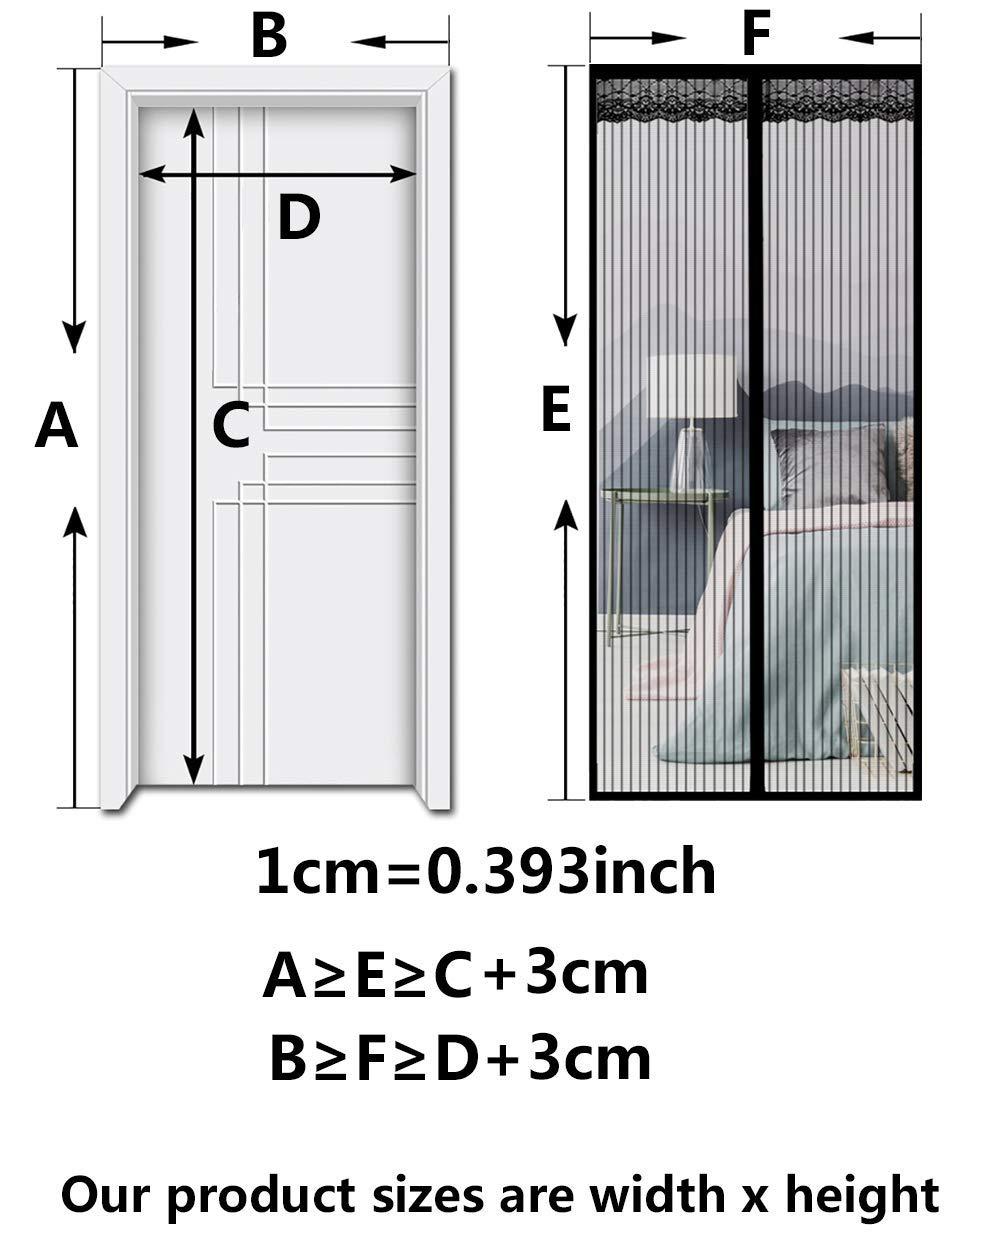 28x63inch Moustiquaire Porte Magn/étique Maille Ultra Fine Aimants Ultra Seal Fermeture Automatique,Black,70x160cm AKEFG Rideau Anti-Insectes /à Fixation Aimant/ée